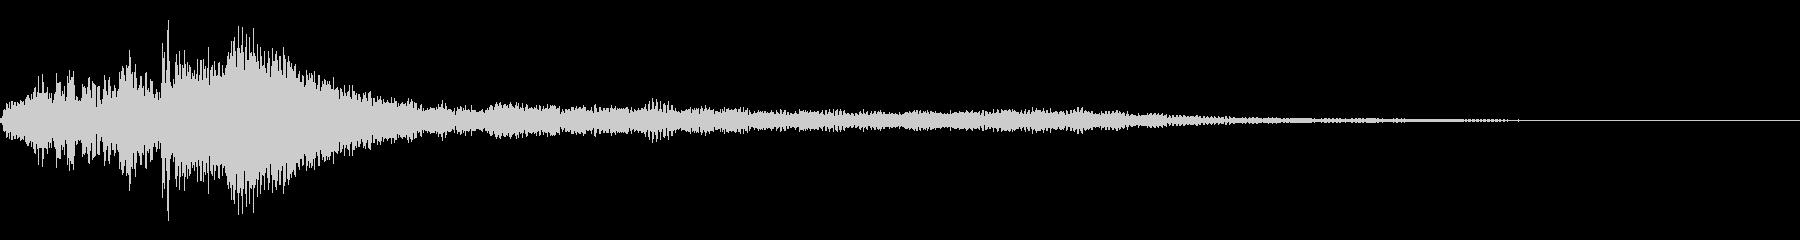 ローファイ・ドキュメンタル風ピアノhの未再生の波形